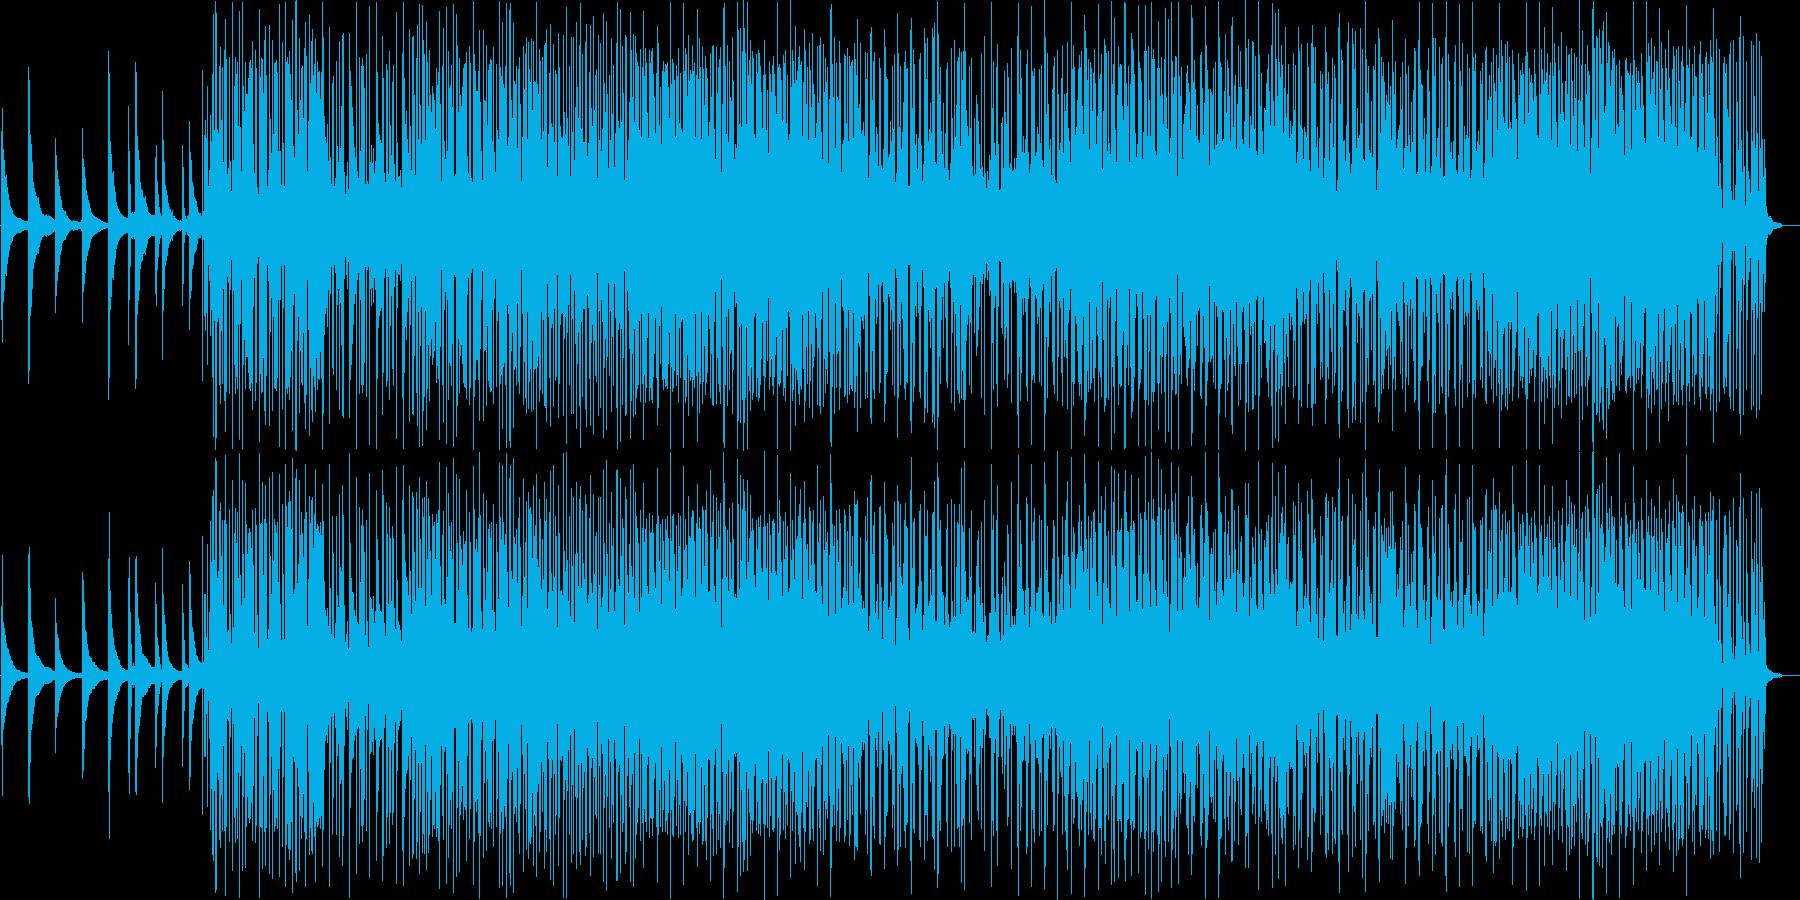 楽しい気分になるピアノインストの再生済みの波形